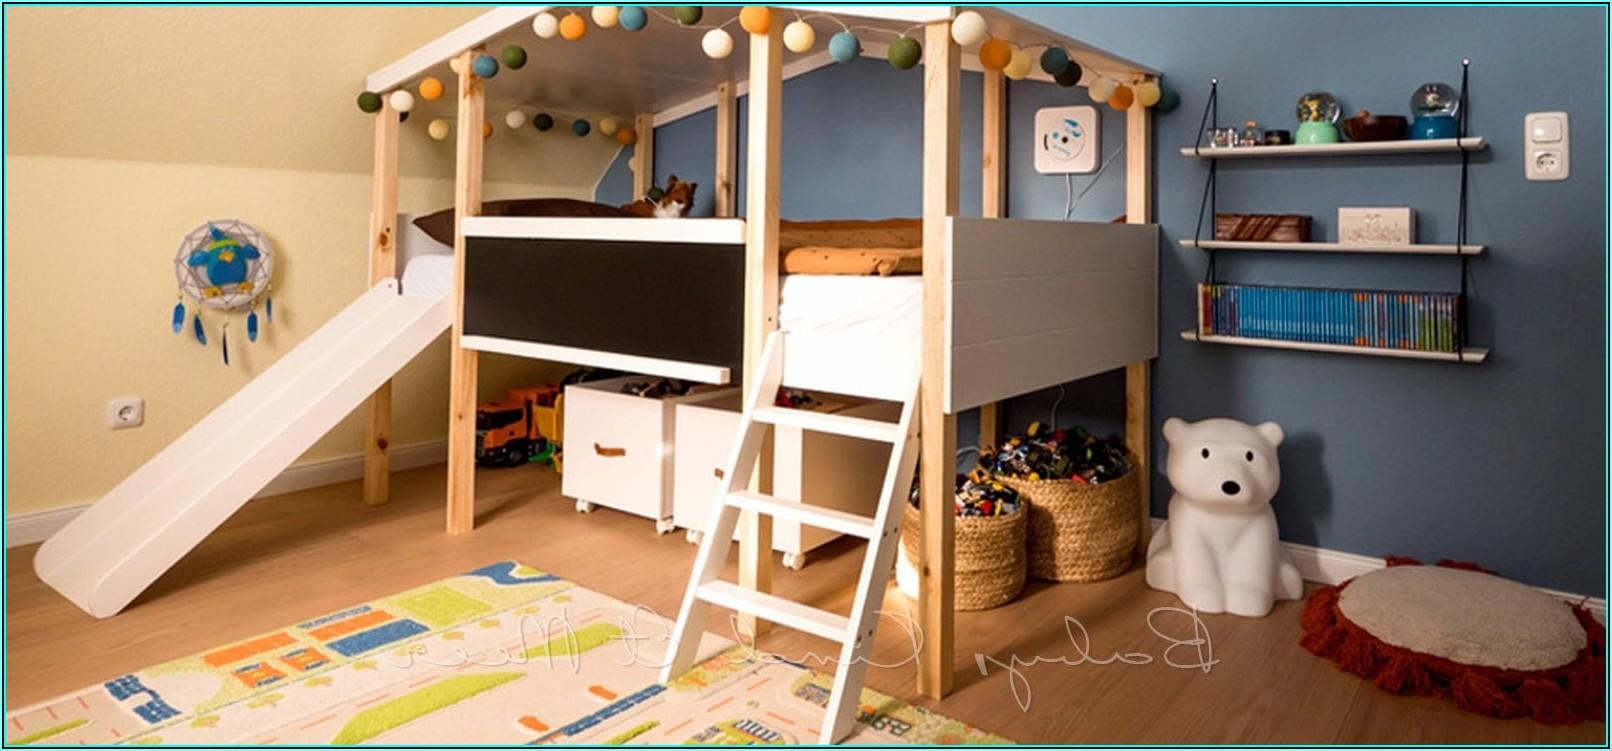 Bilder Von Einem Kinderzimmer